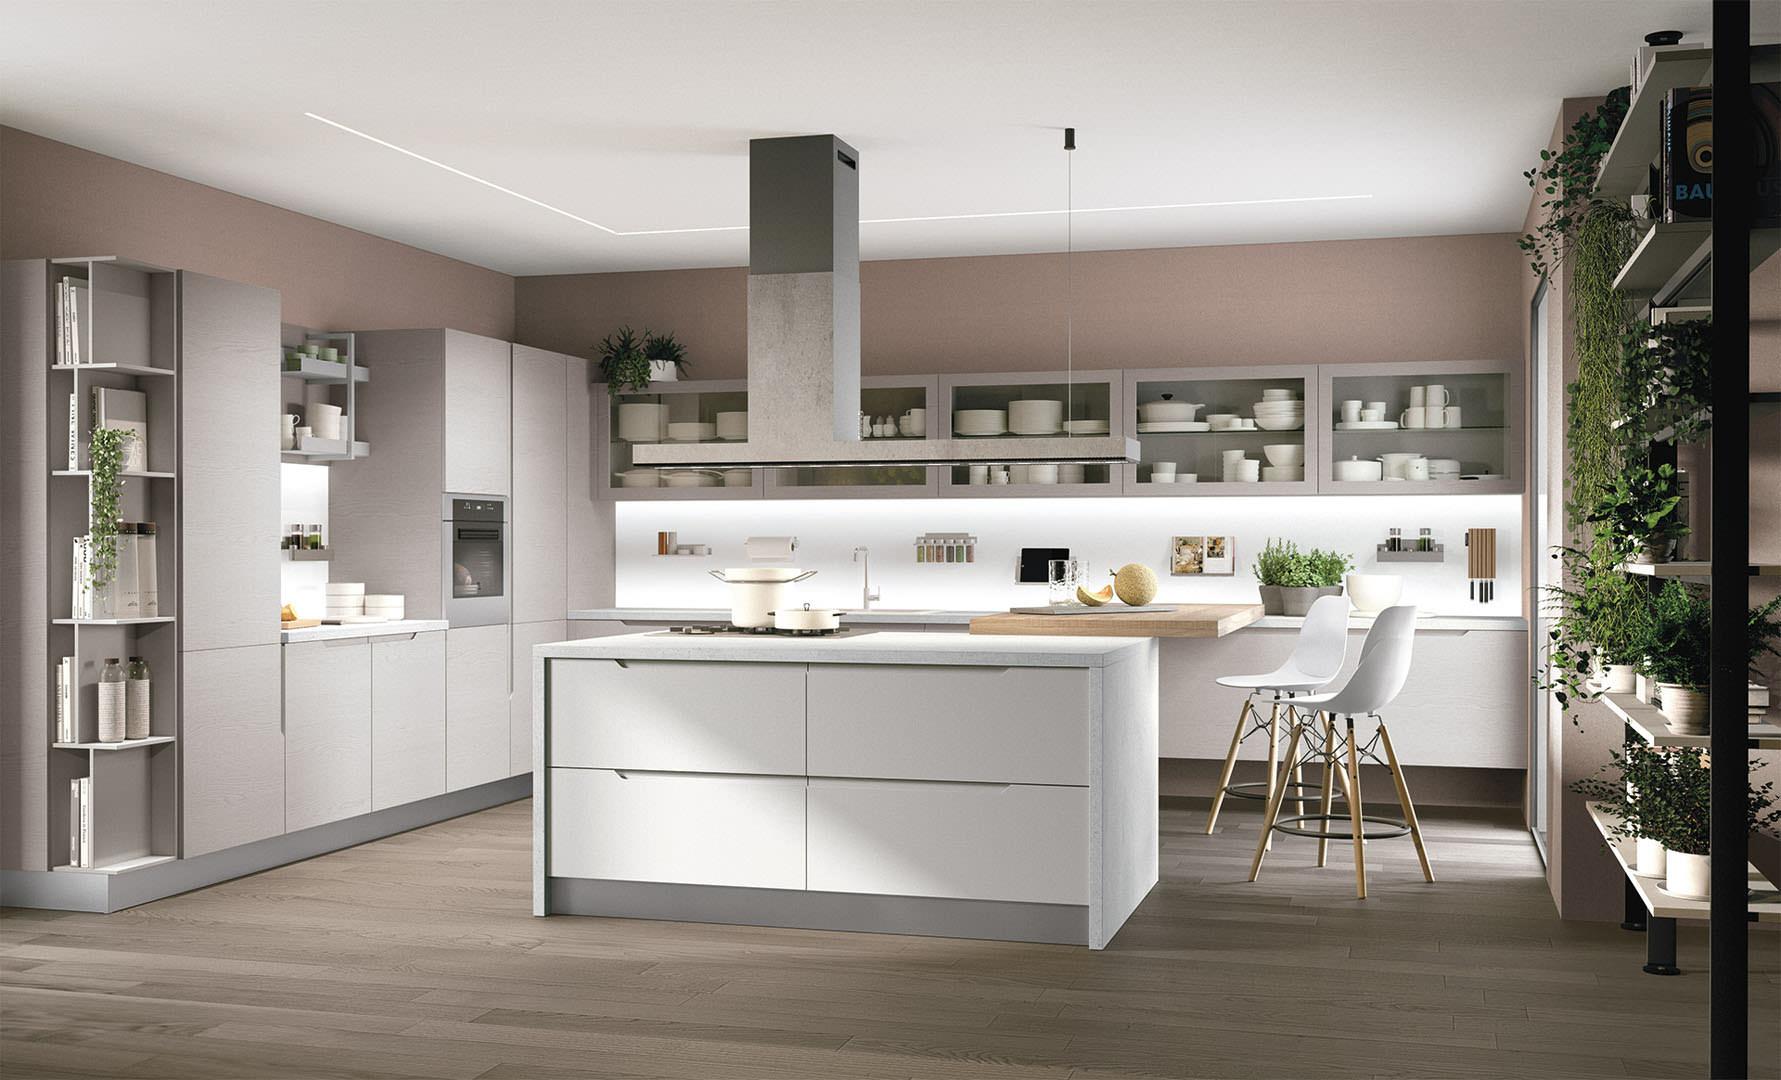 Cucina moderna LUBE LUNA - estrema eleganza e praticità ...